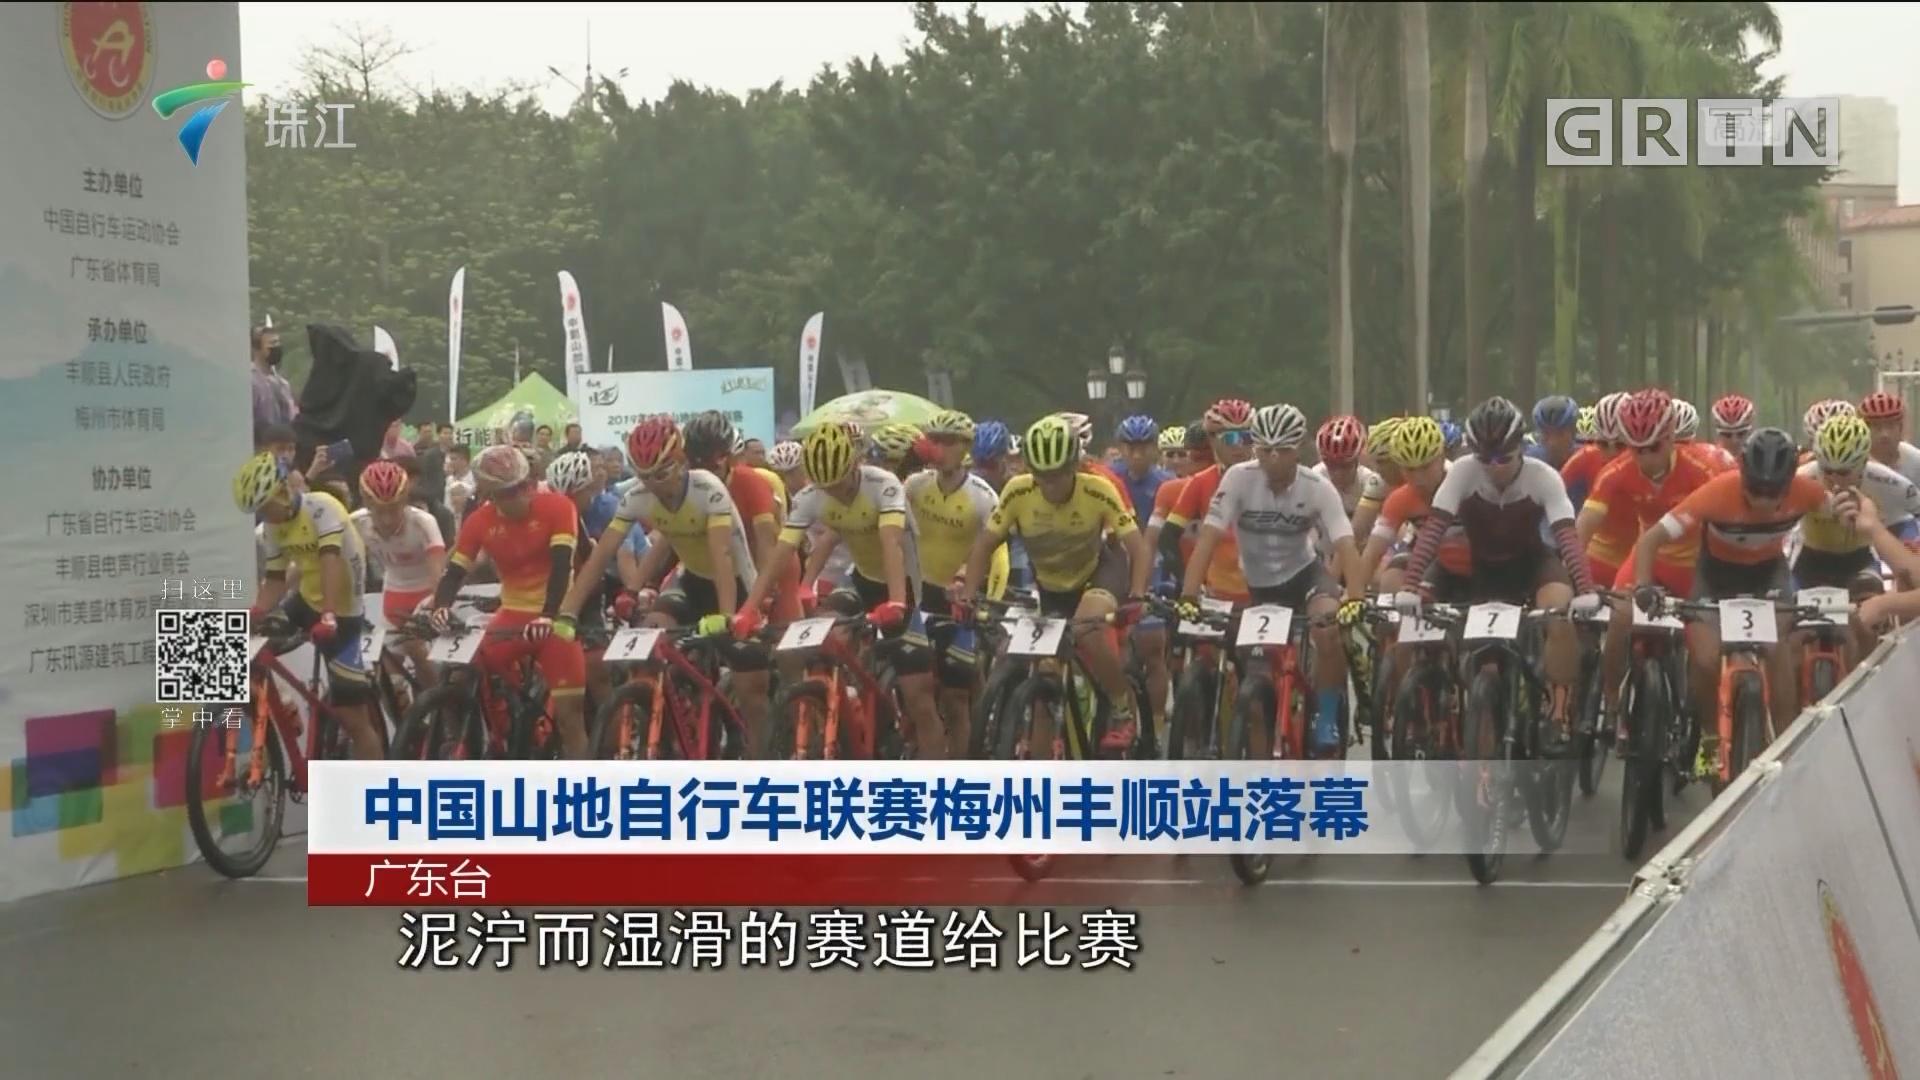 中国山地自行车联赛梅州丰顺站落幕